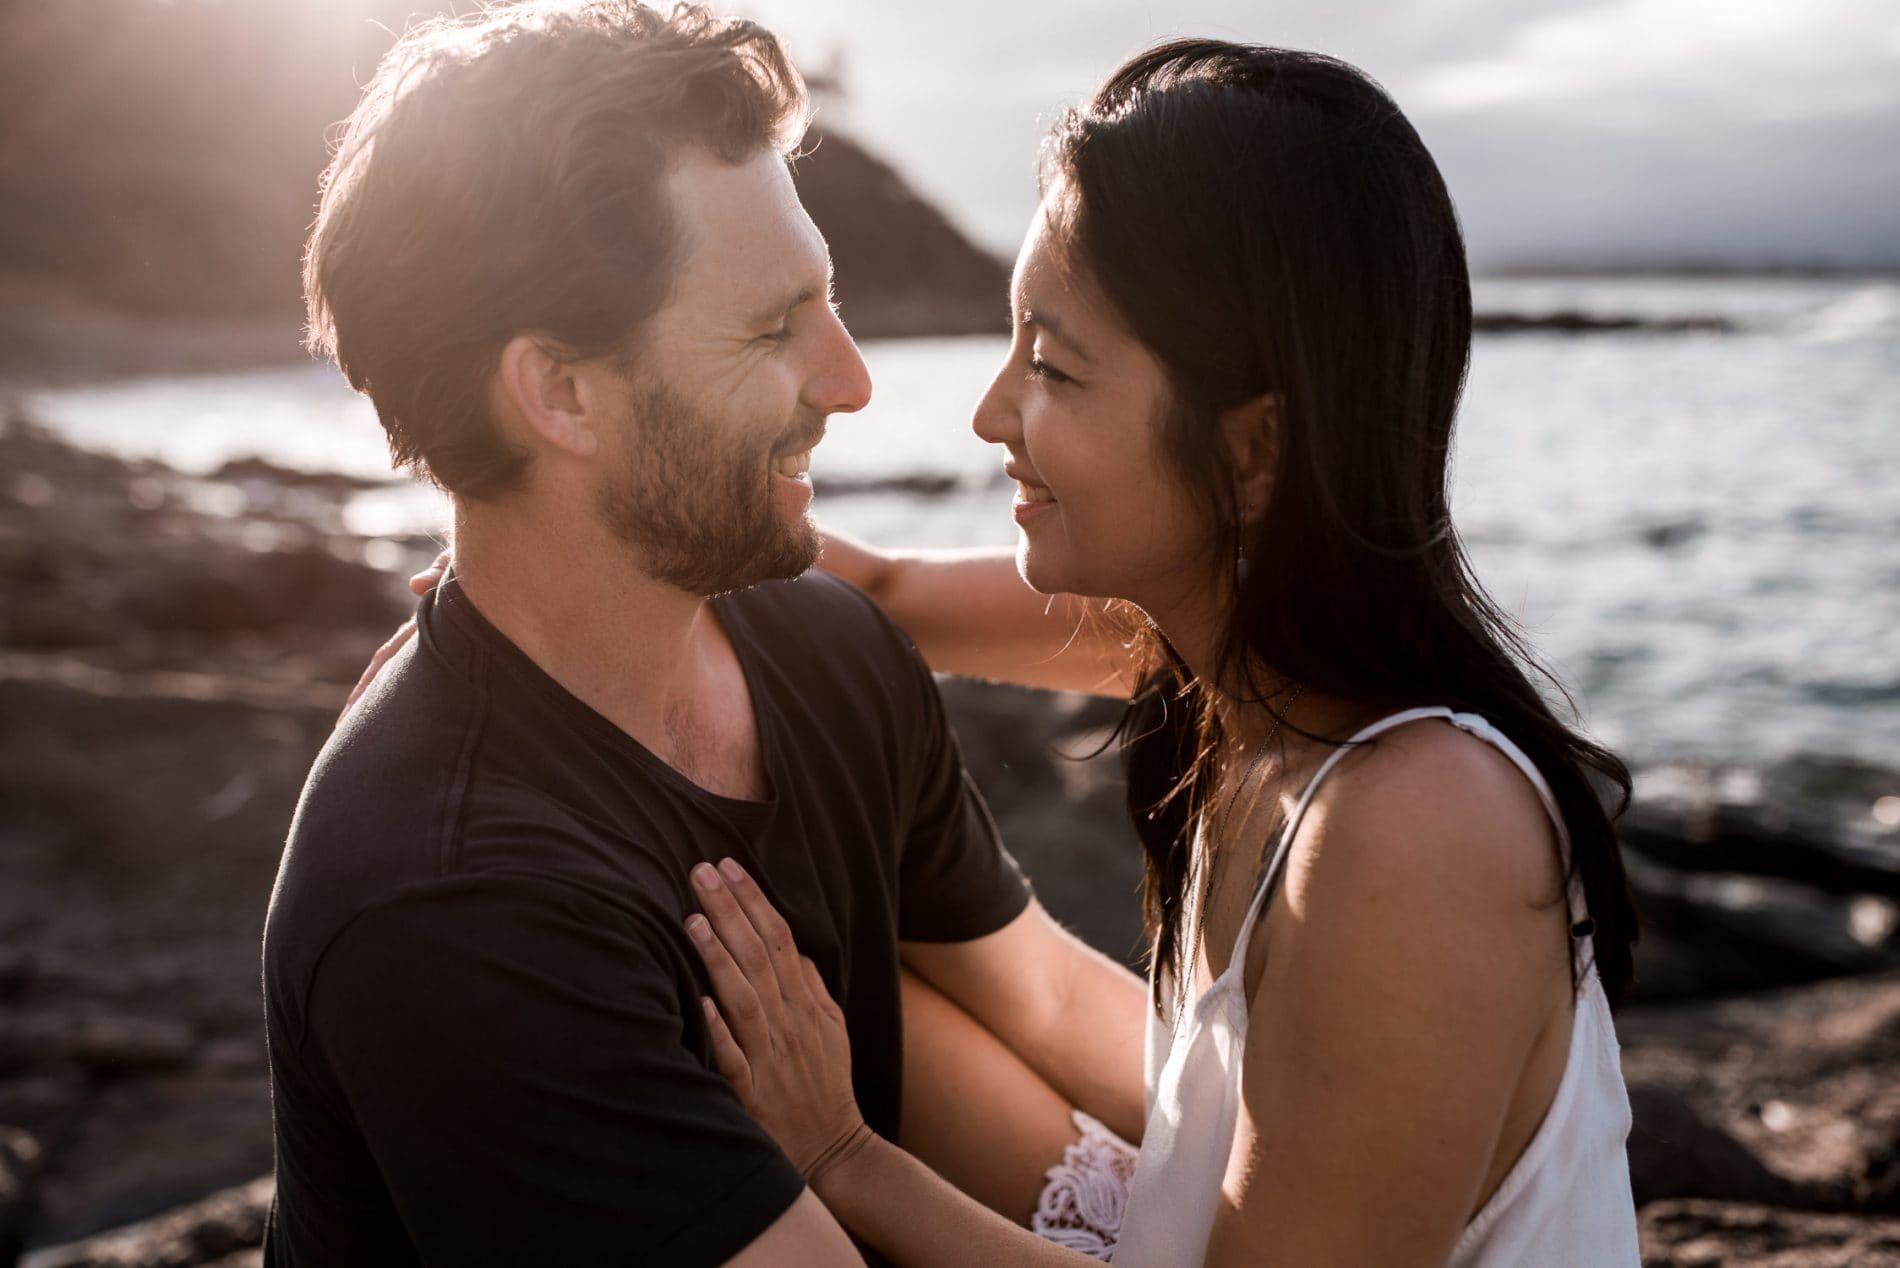 Paul & Fernanda - Engagement shoot